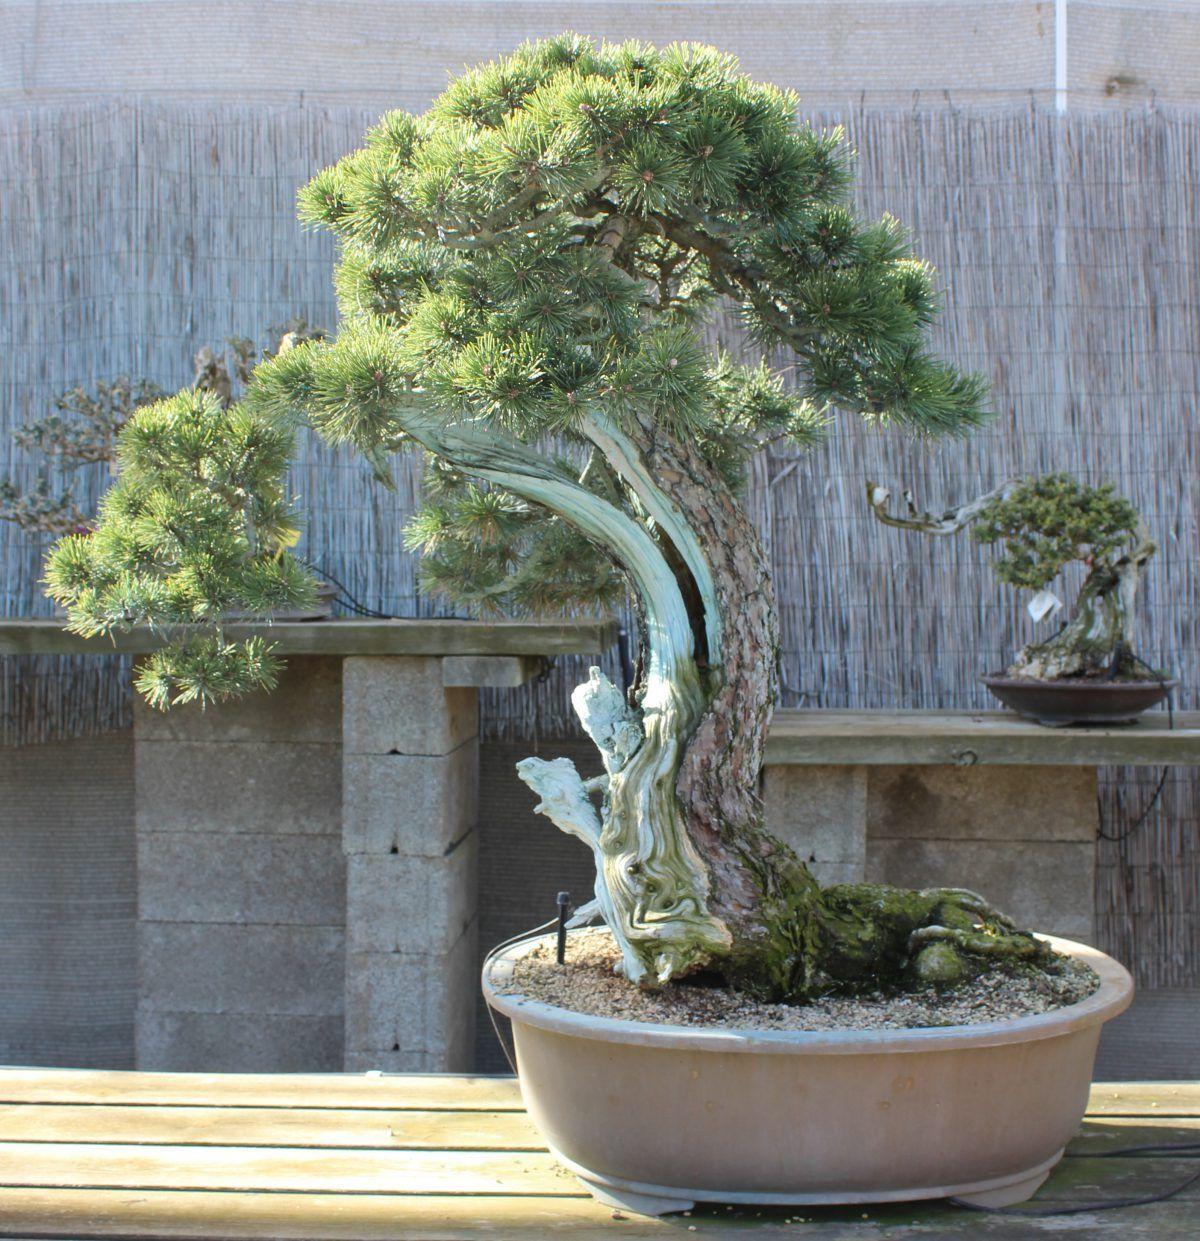 Limpieza de la madera en el bonsái Pinus